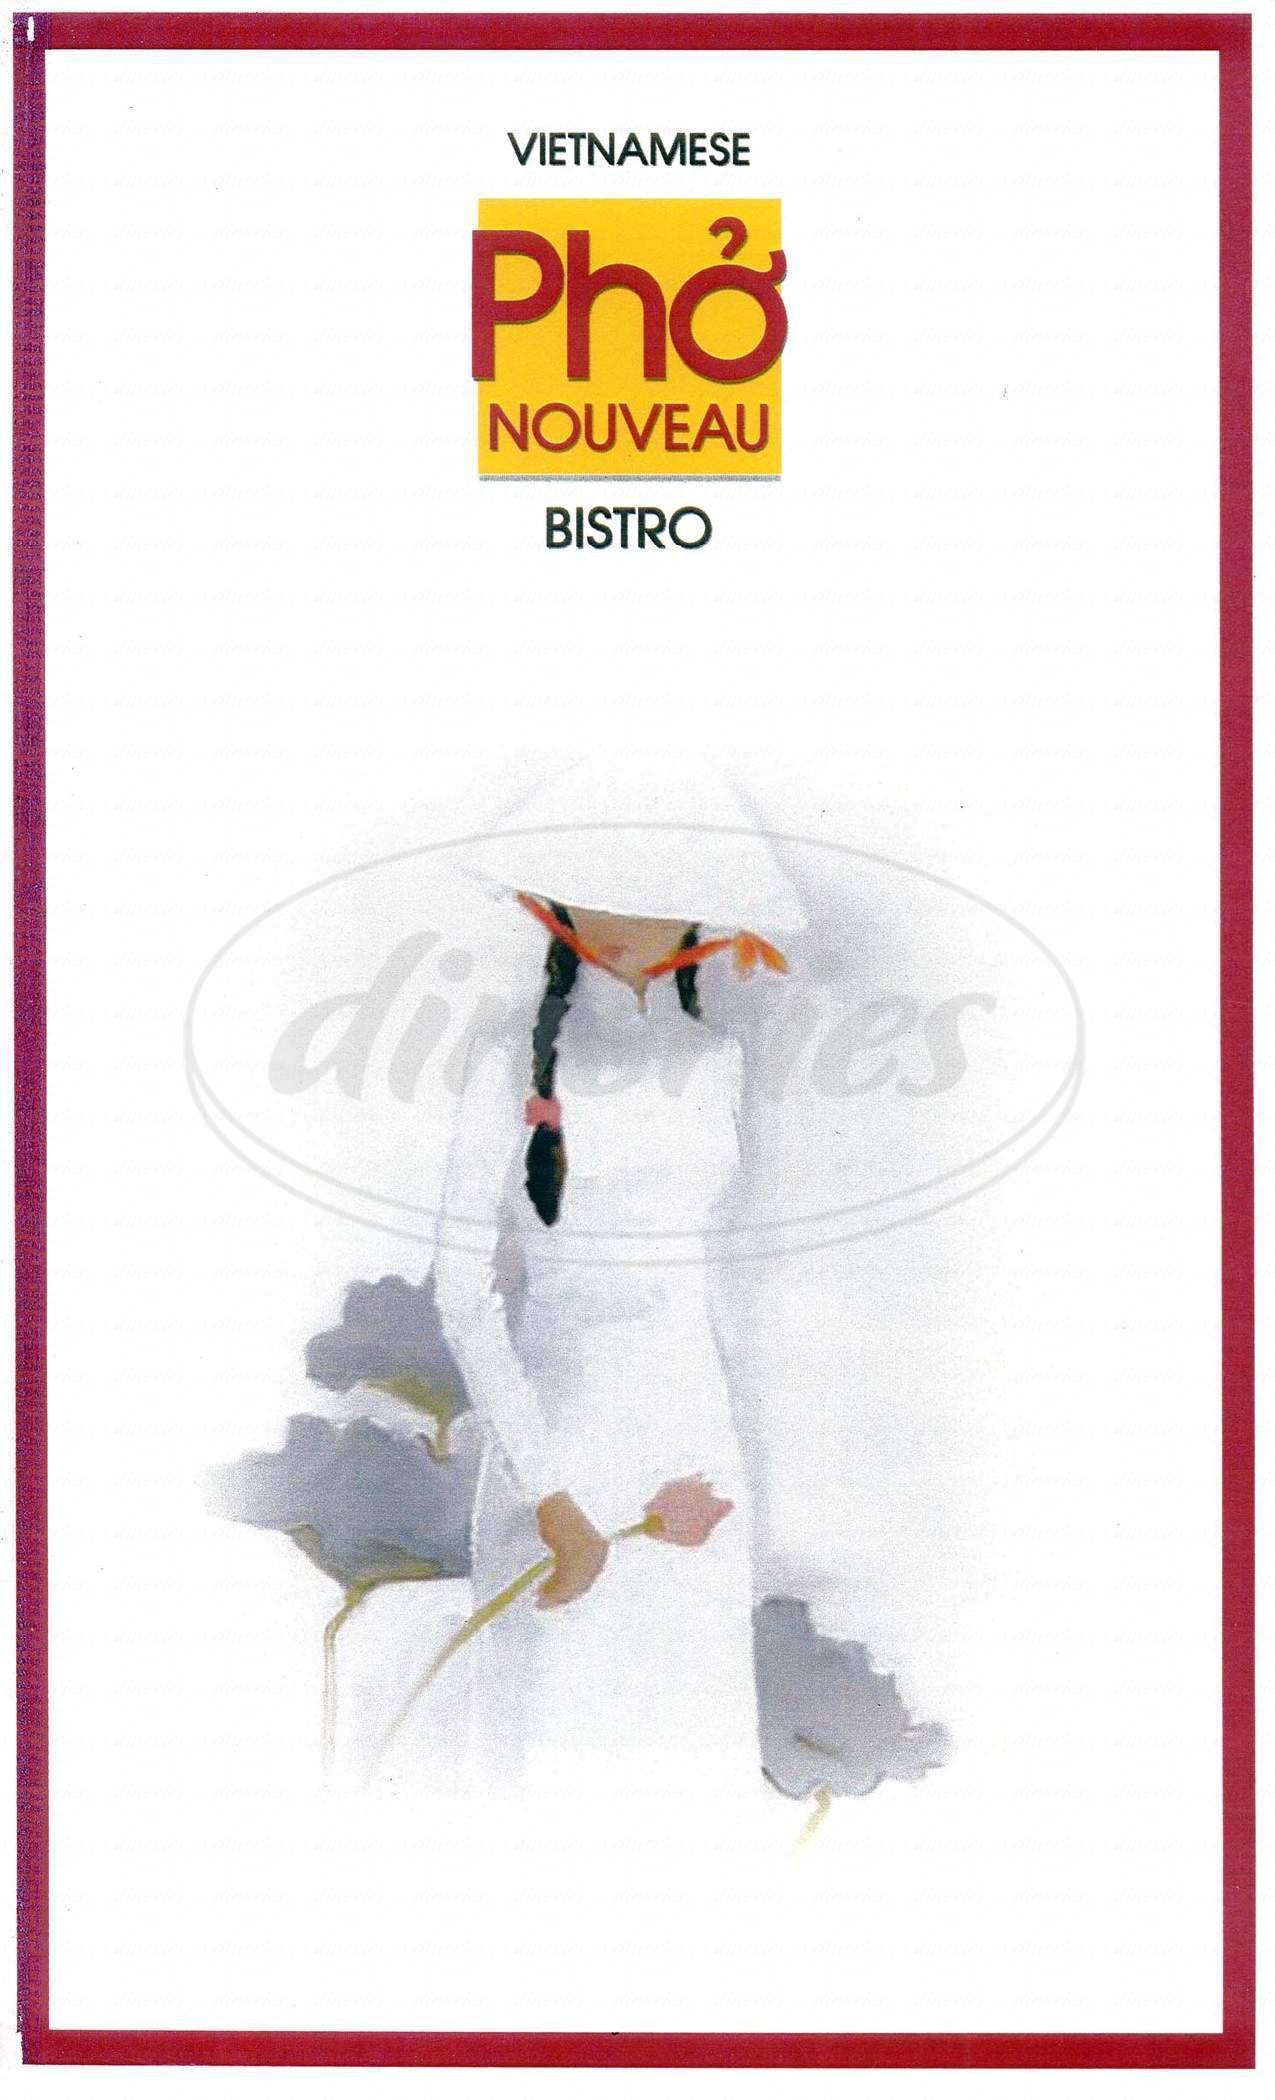 menu for Pho Nouveau